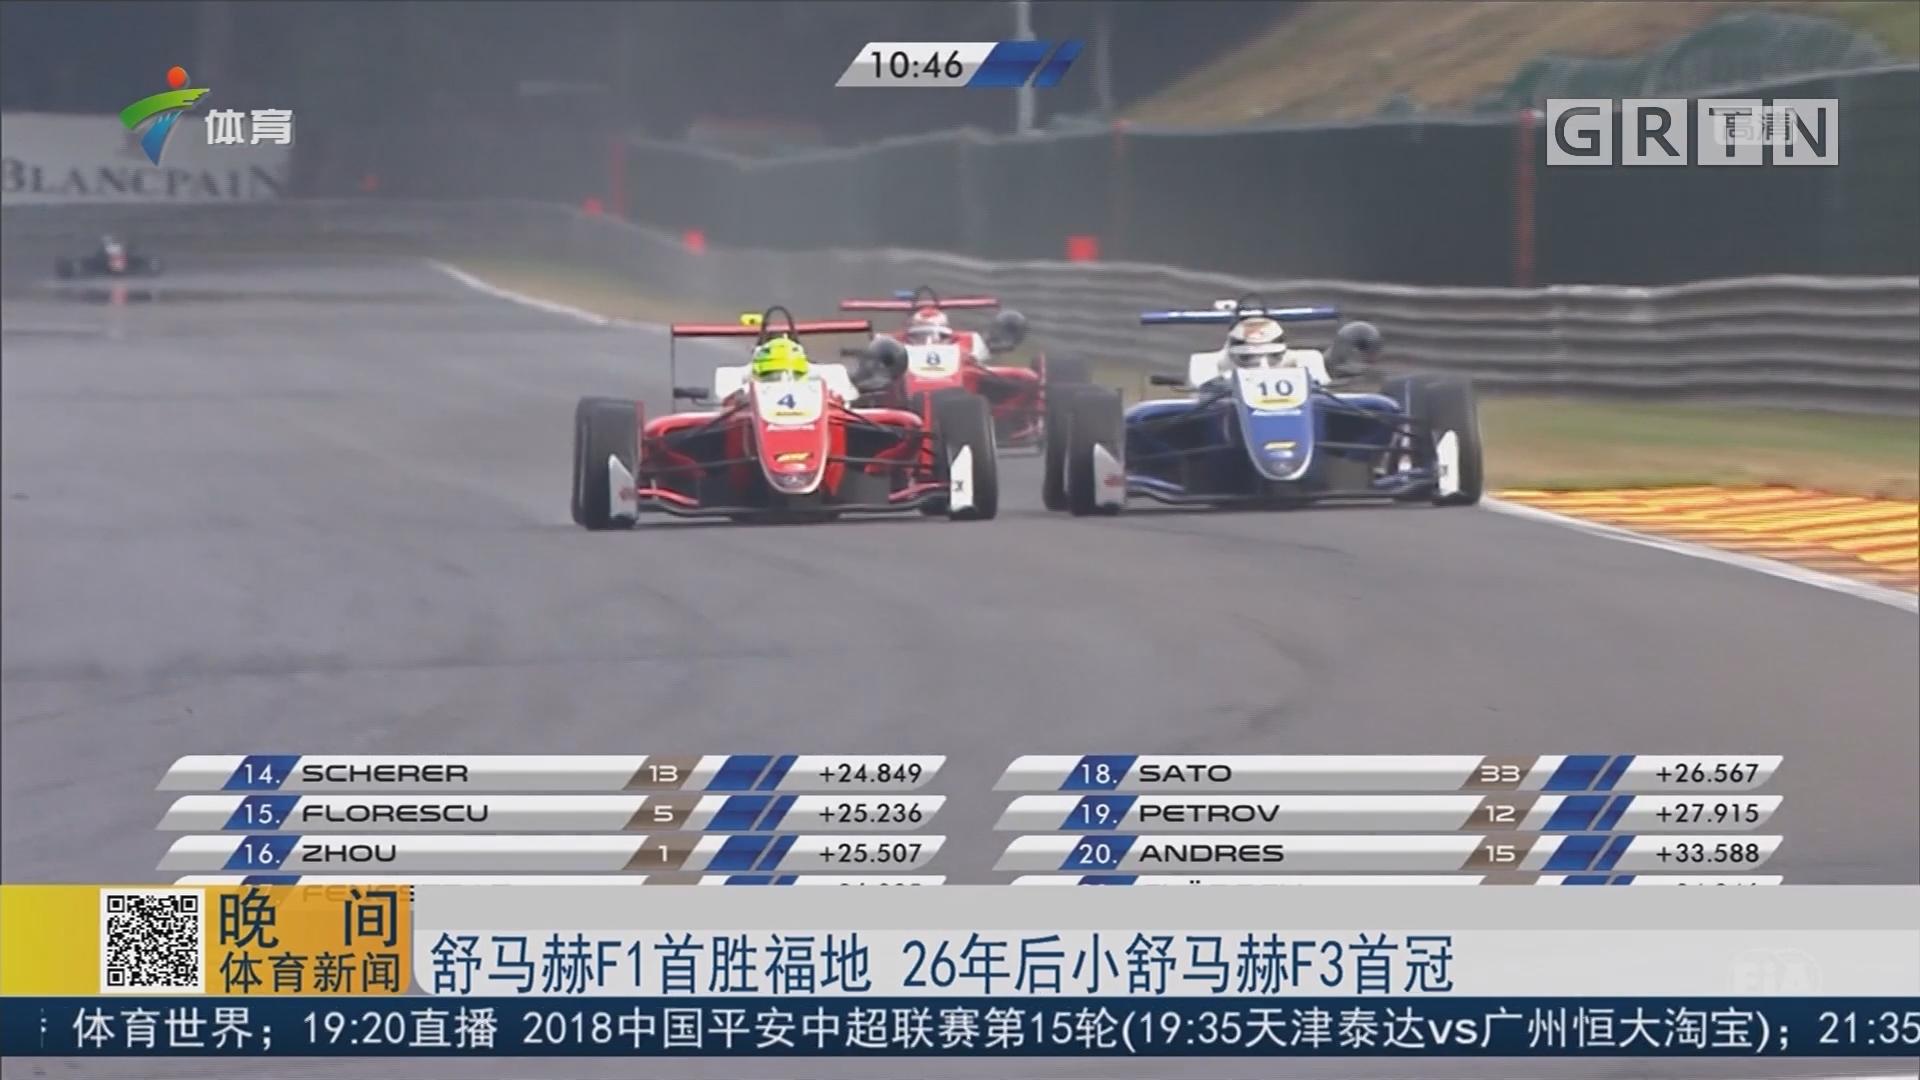 舒马赫F1首胜福地 26年后小舒马赫F3首冠